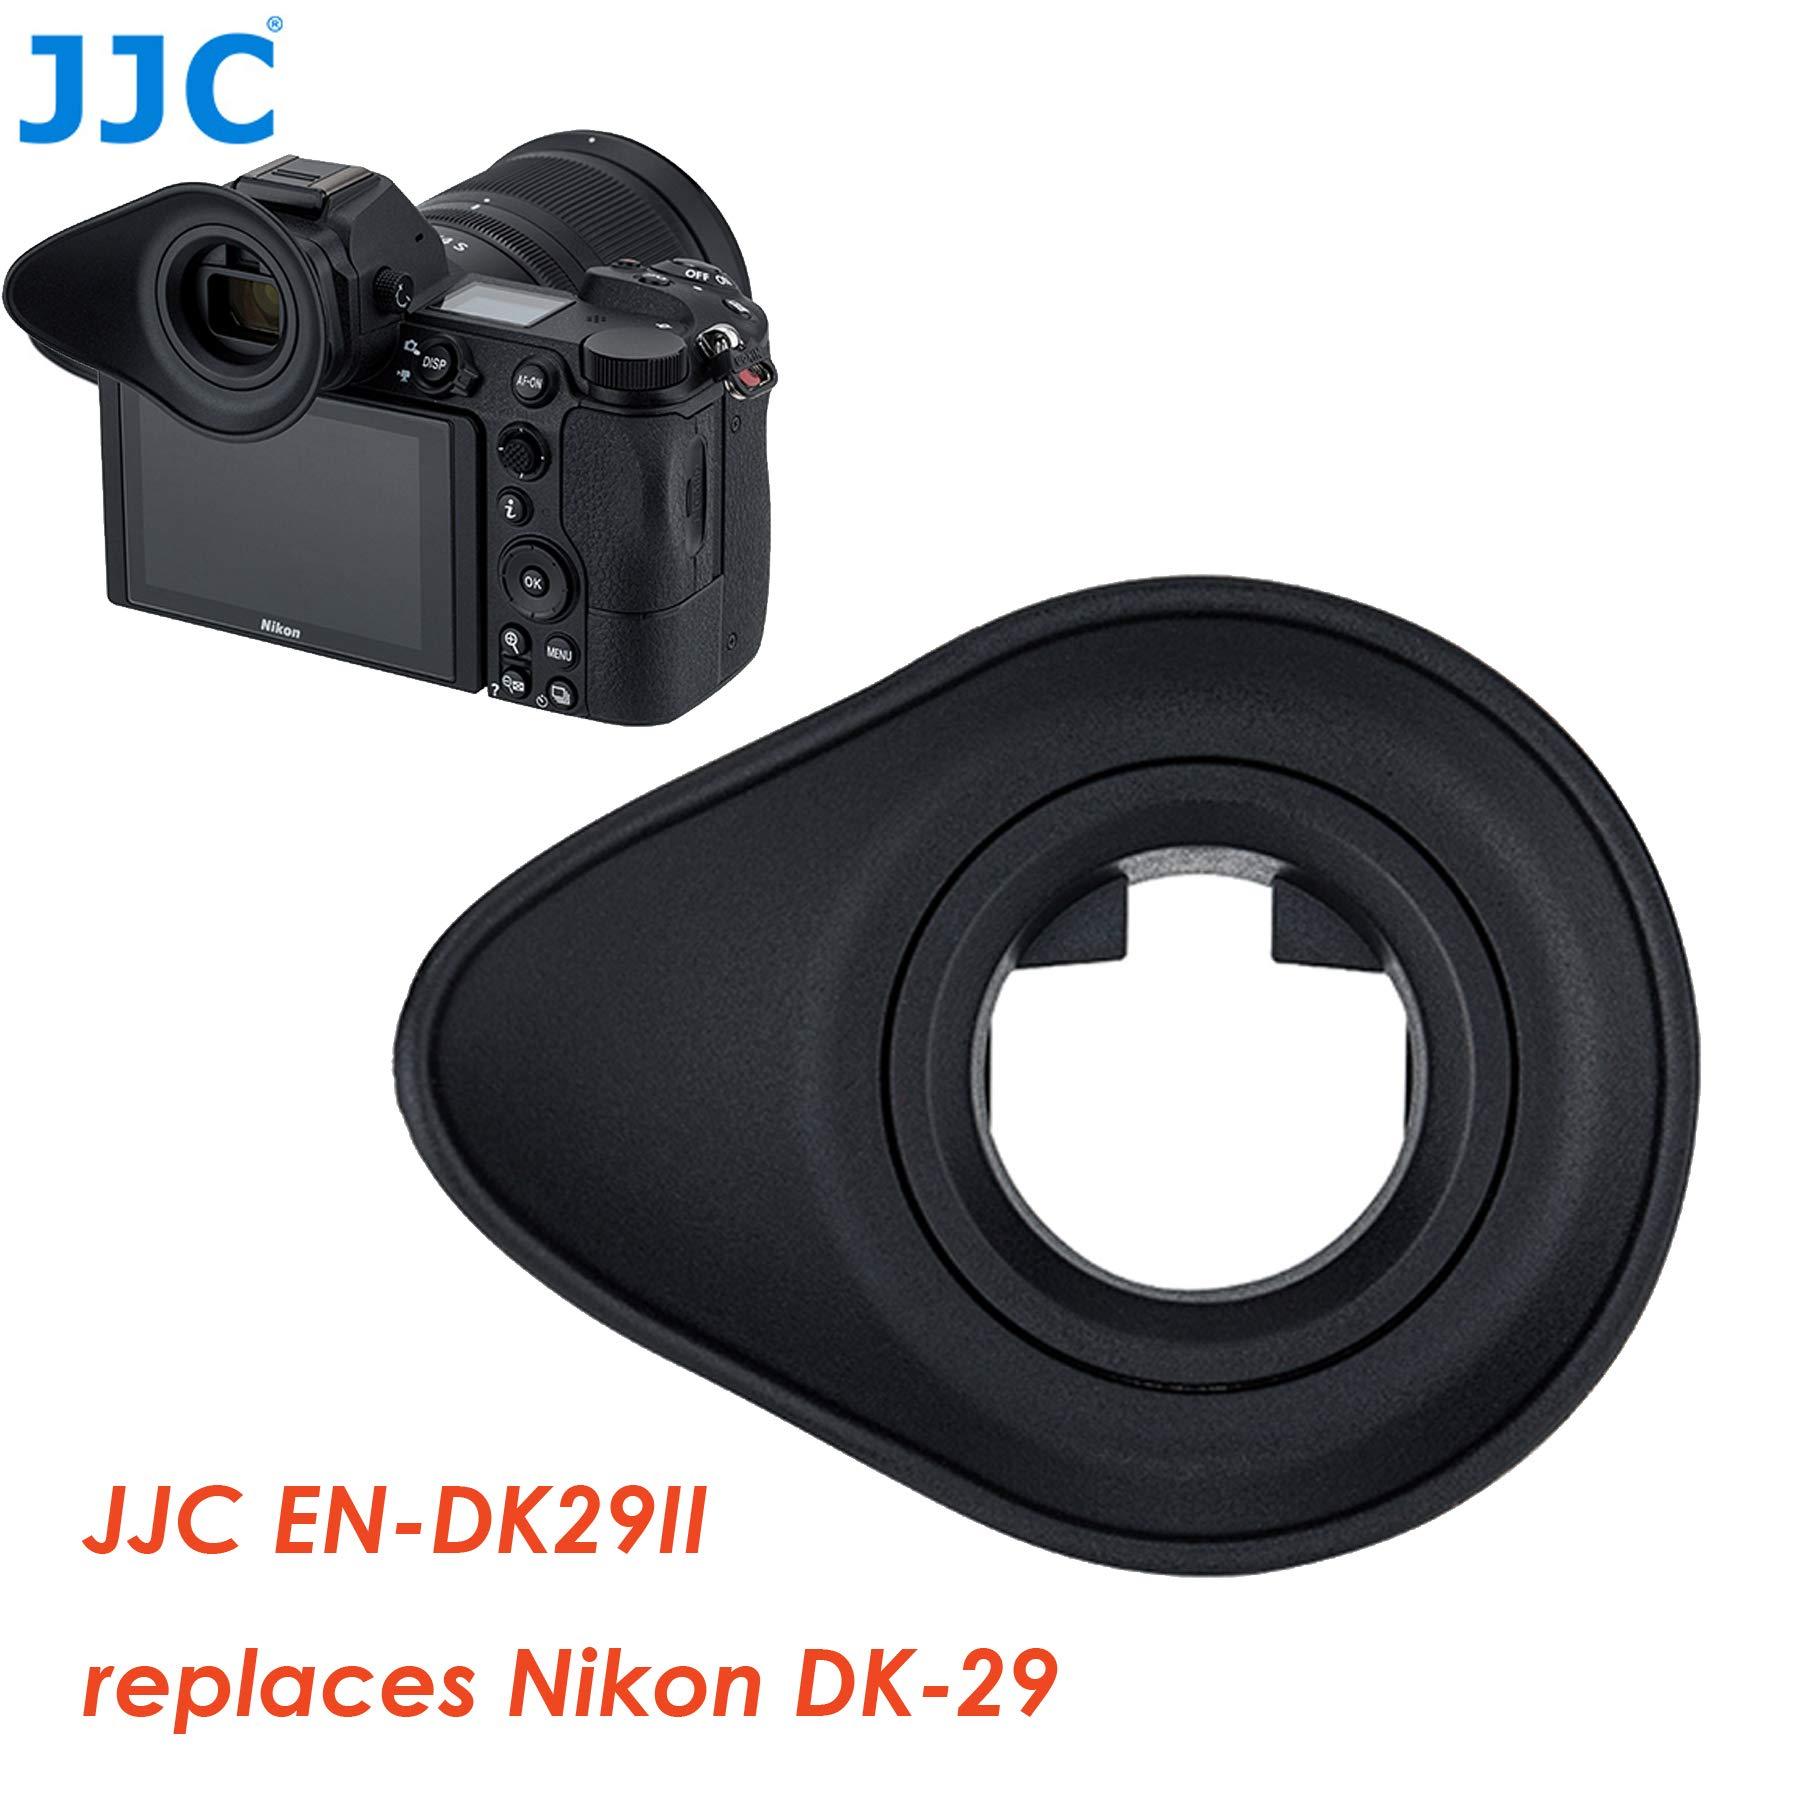 Jjc EN-DK29II Ergonomic Large Eyecup for Nikon Z6 Z7, 360° Rotatable, Soft TPU Rubber, Nikon Z6 Z7 Eyecup Eye Piece, Replacement of Nikon Dk-29 Eyecup